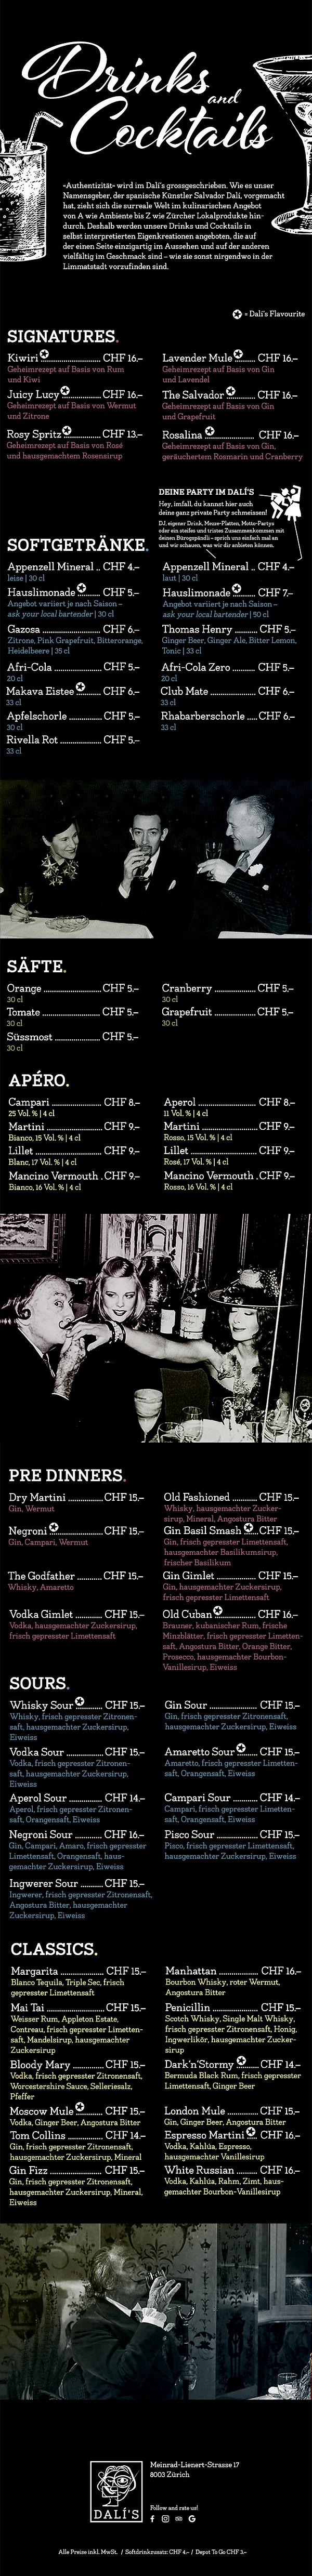 20201128_Drinks-Cocktails.jpg